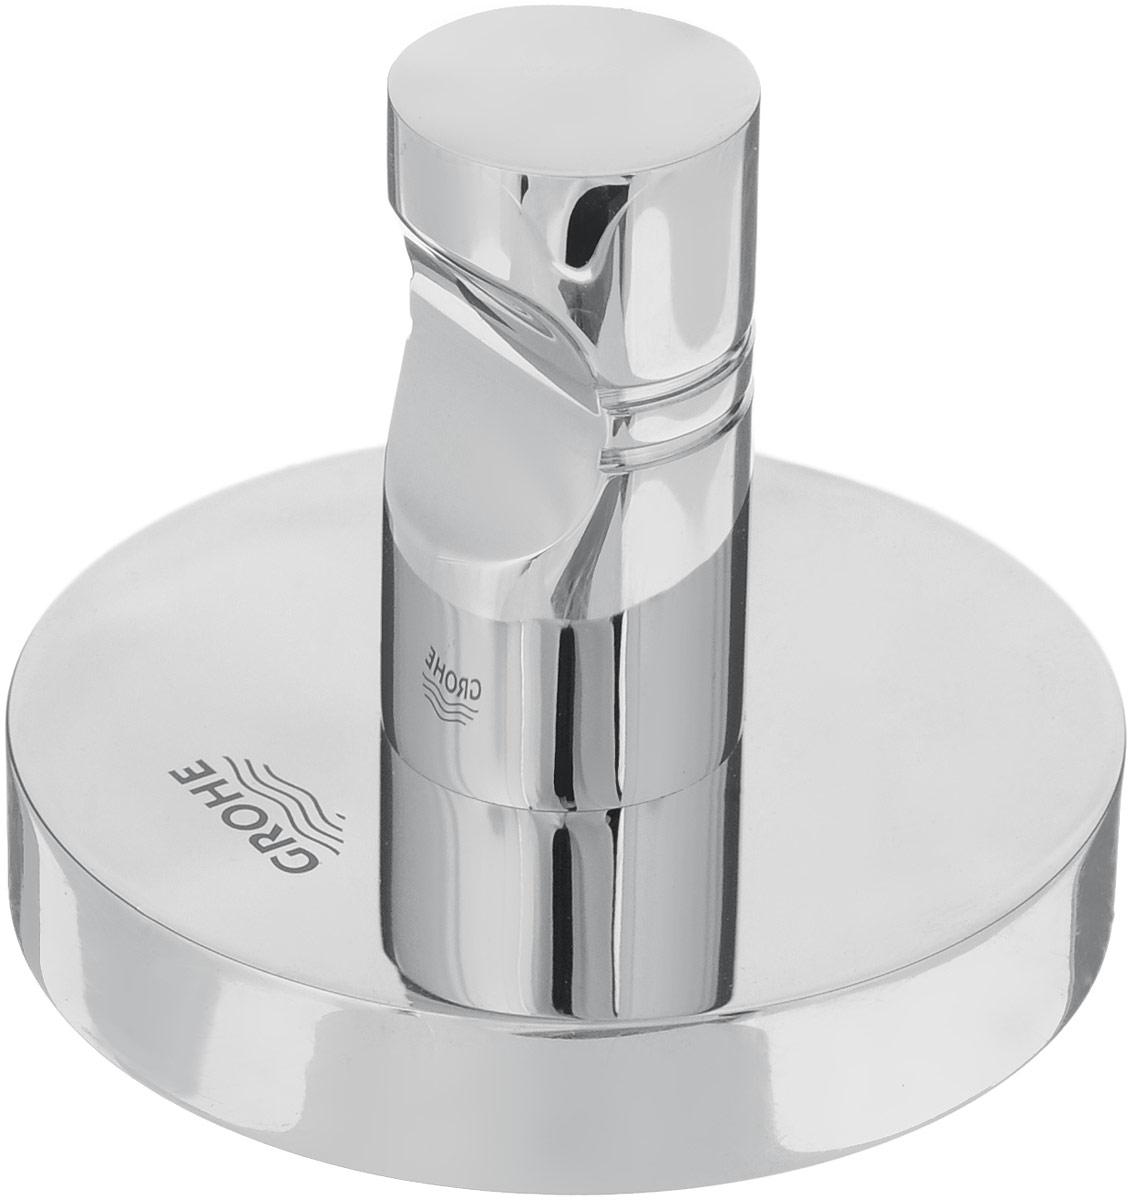 Крючок Grohe Essentials, 5 х 5 х 4,5 см40364001Крючок Grohe Essentials изготовлен из высококачественной латуни. Крючок крепится к поверхности при помощи саморезов. Все необходимое для крепления крючка к стене входит в комплект. Такой крючок прекрасно впишется в интерьер ванной комнаты и поможет эффективно организовать пространство.